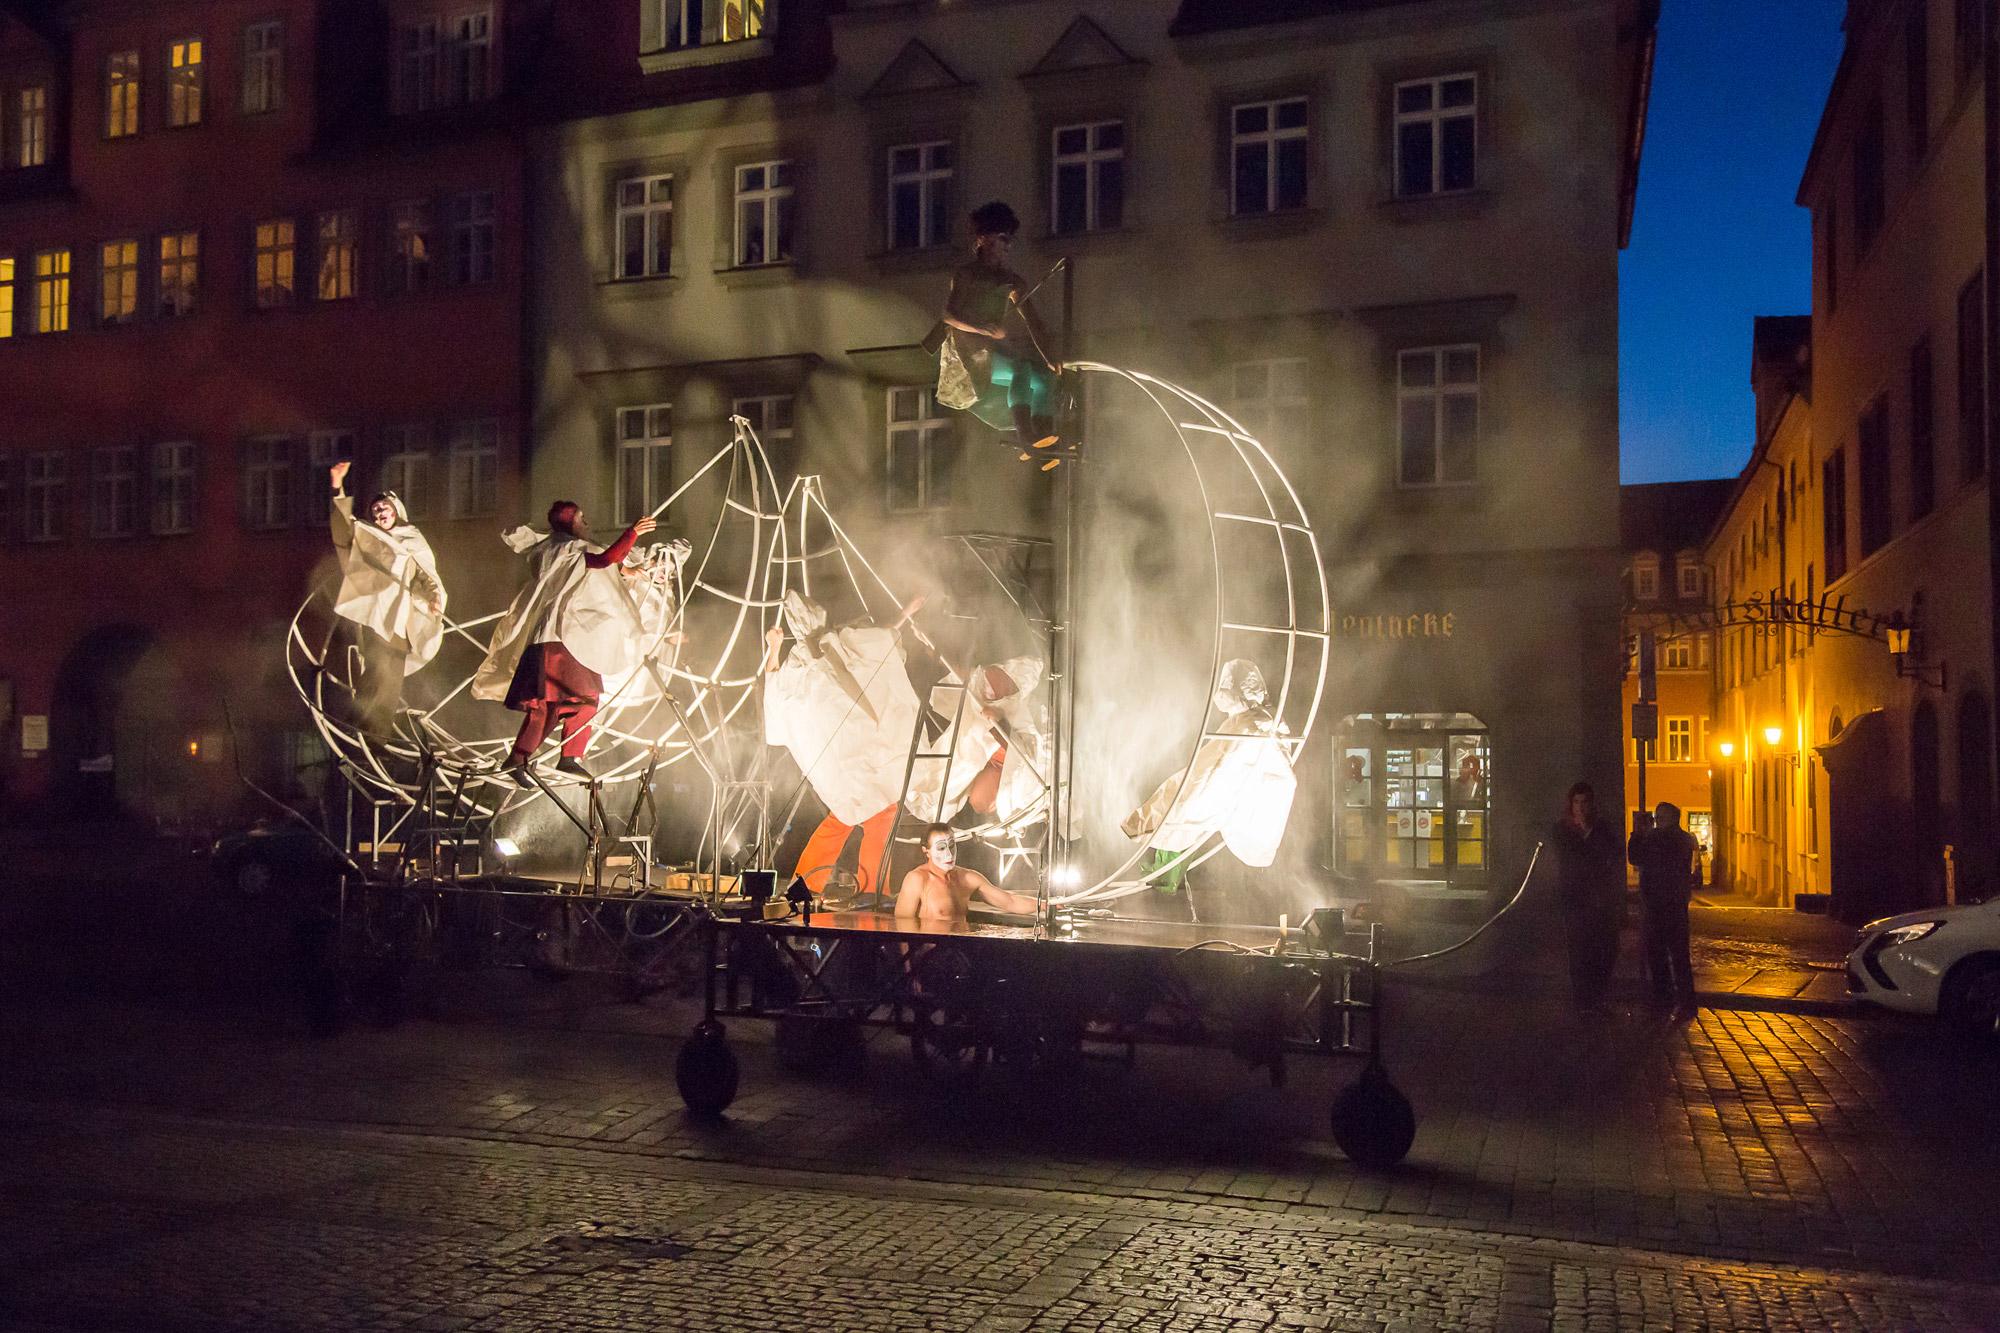 Shakespeare, Tempest, Sturm, Naumburg, PAN.OPTIKUM, Straßentheater